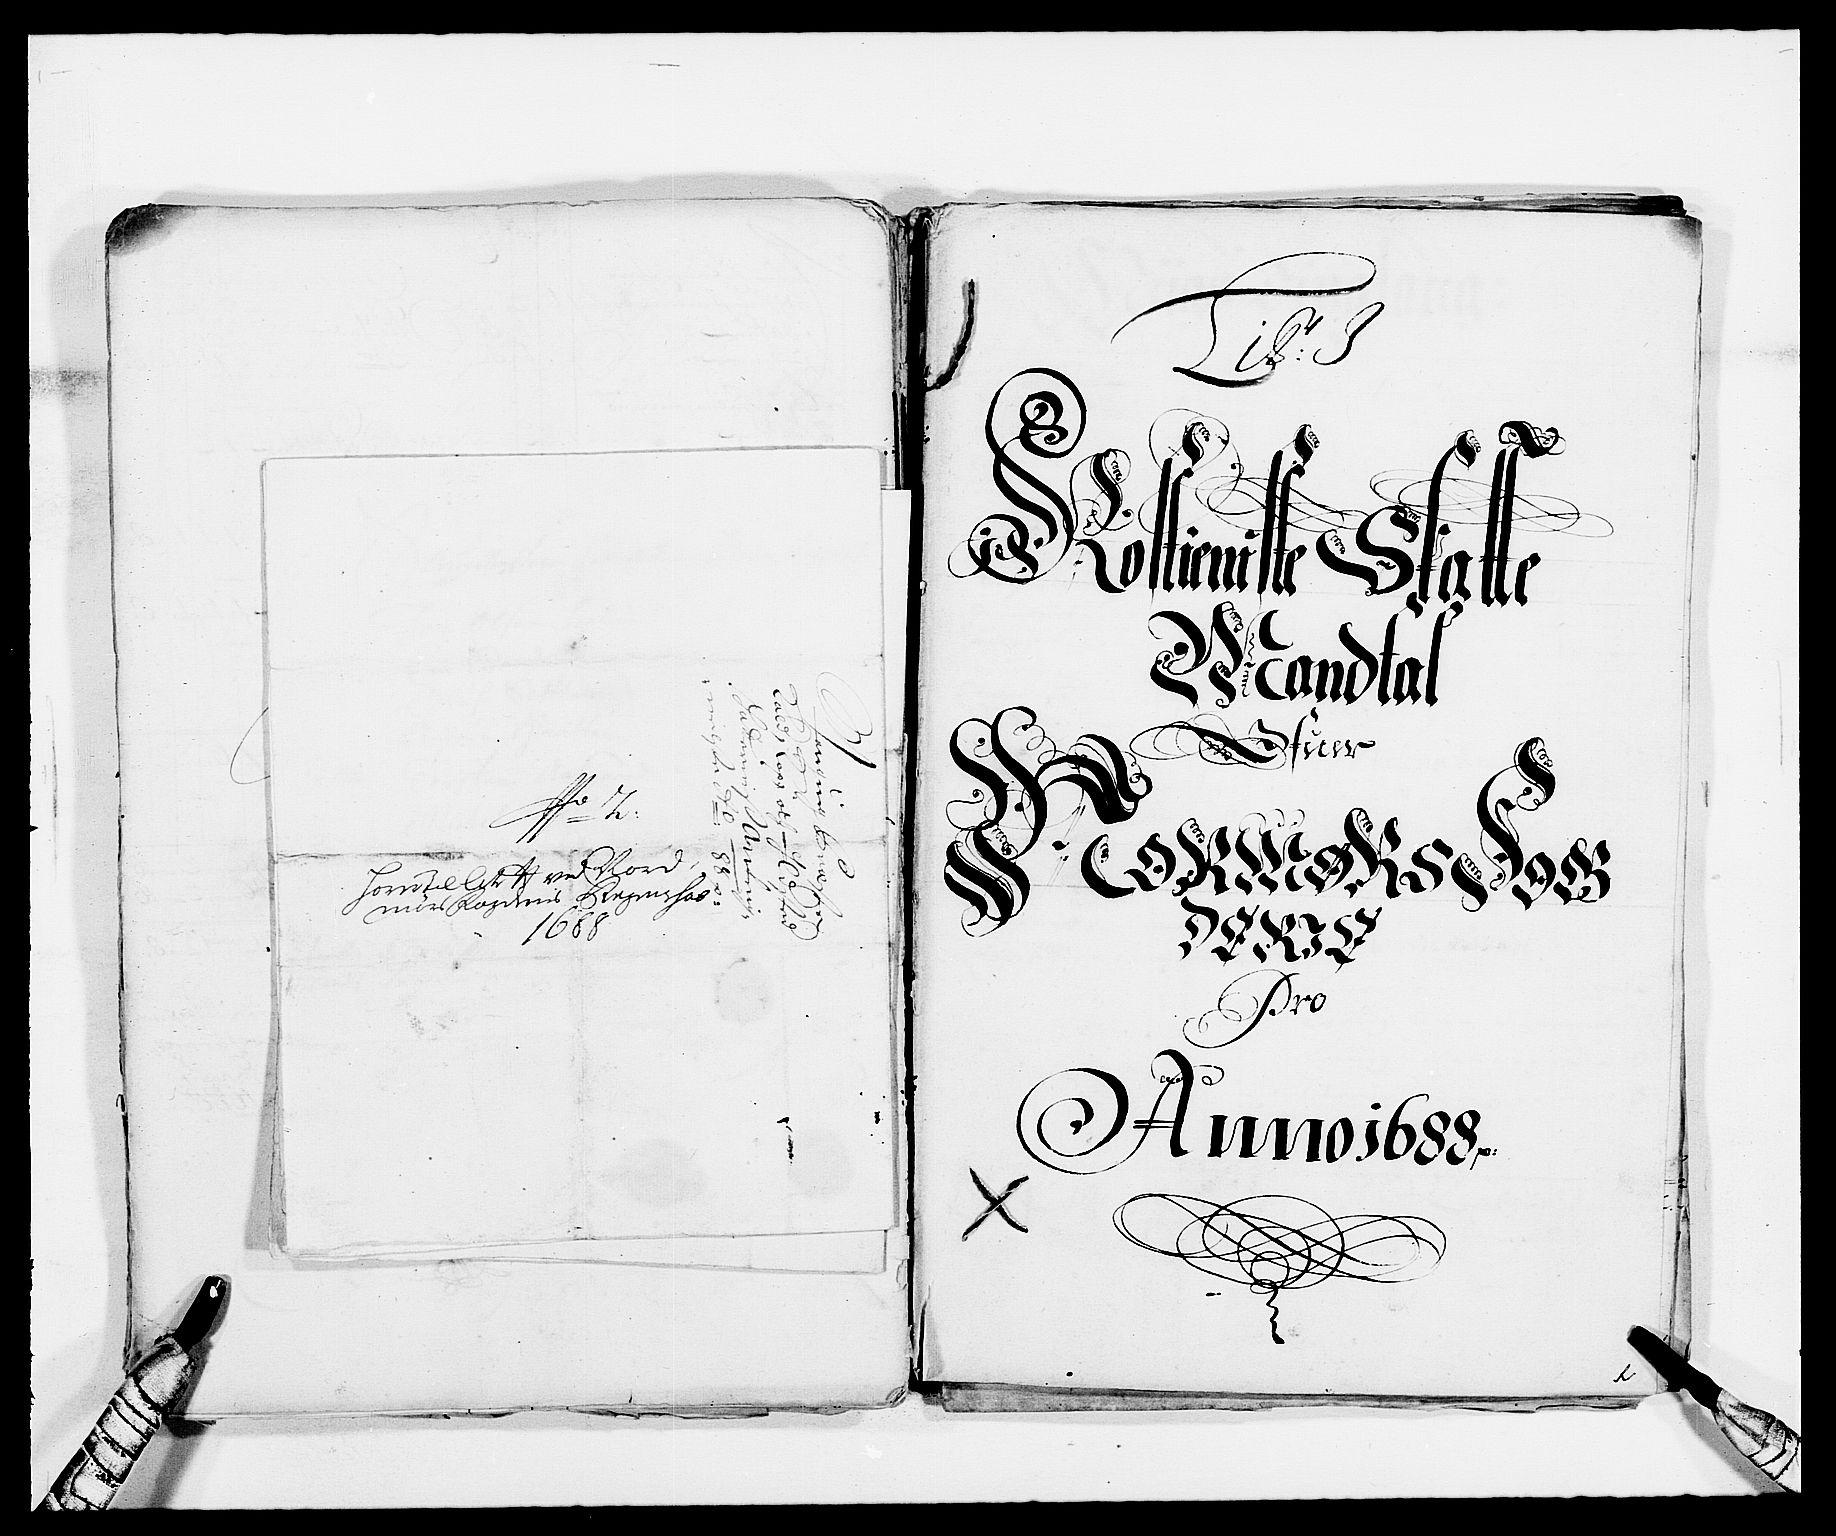 RA, Rentekammeret inntil 1814, Reviderte regnskaper, Fogderegnskap, R56/L3733: Fogderegnskap Nordmøre, 1687-1689, s. 269